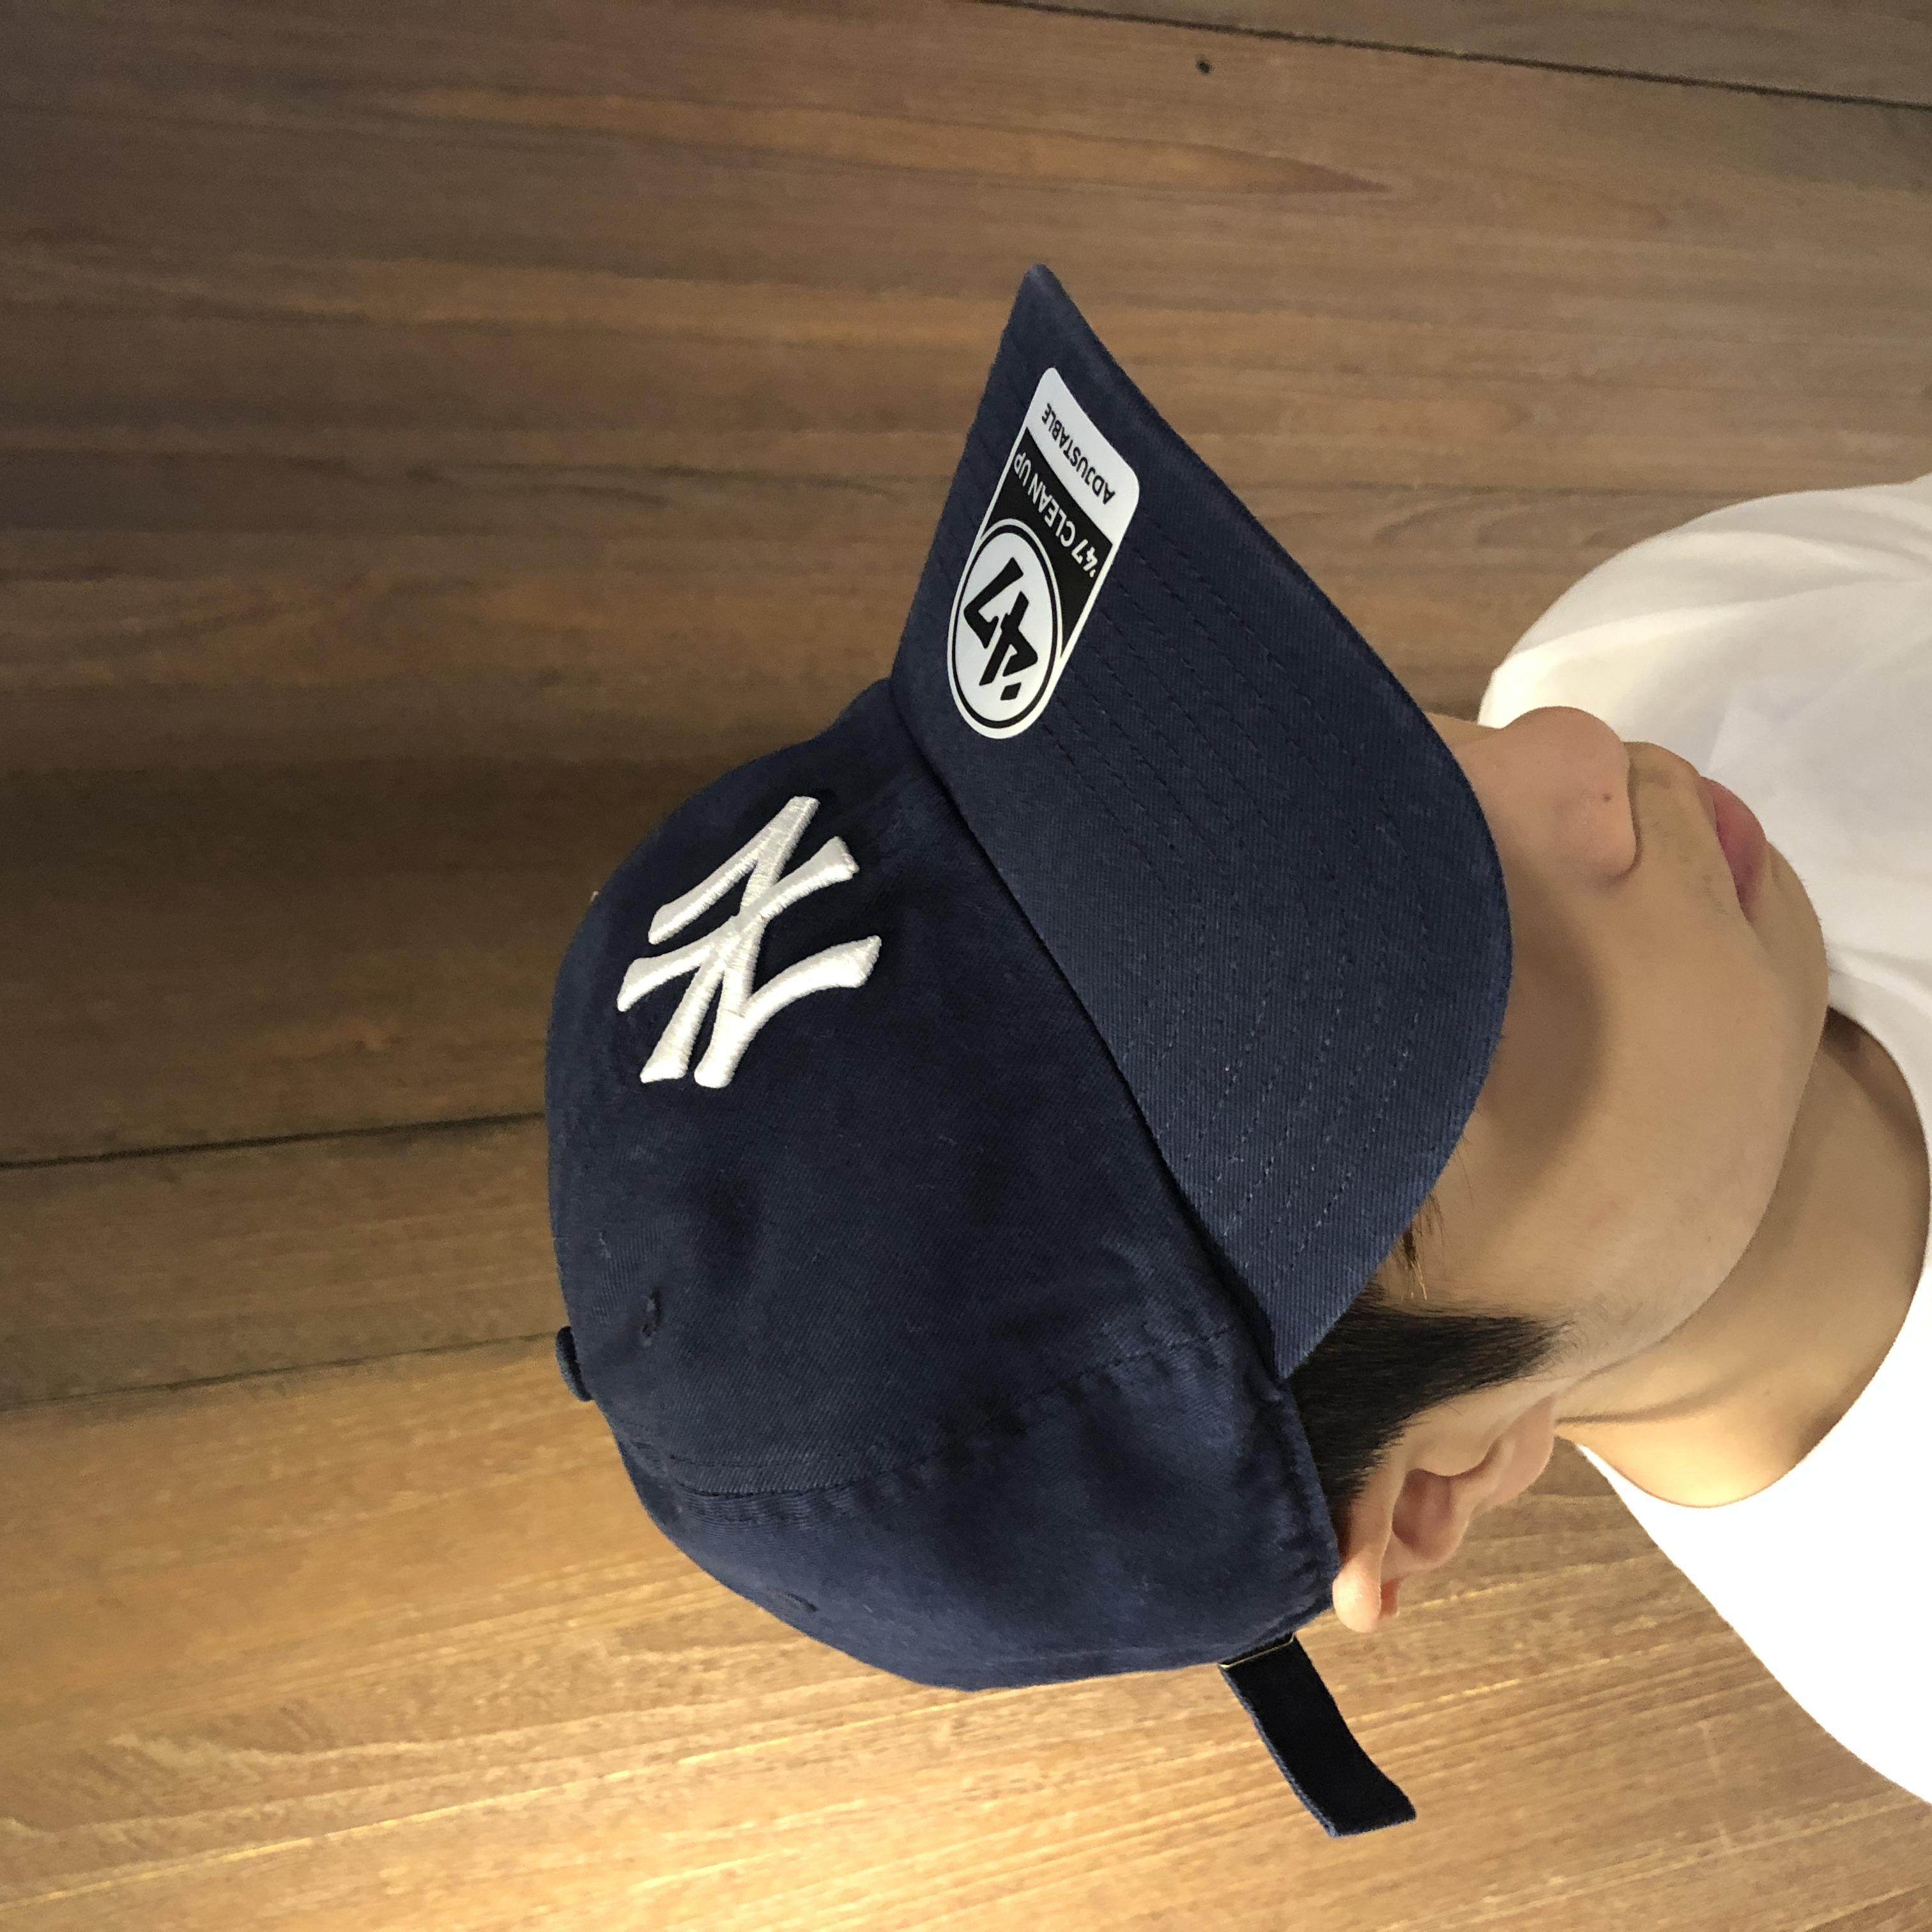 美國百分百【47 Brand】CLEAN UP 帽子 老帽 棒球帽 紐約洋基 大聯盟 MLB 深藍/黑色 AD65